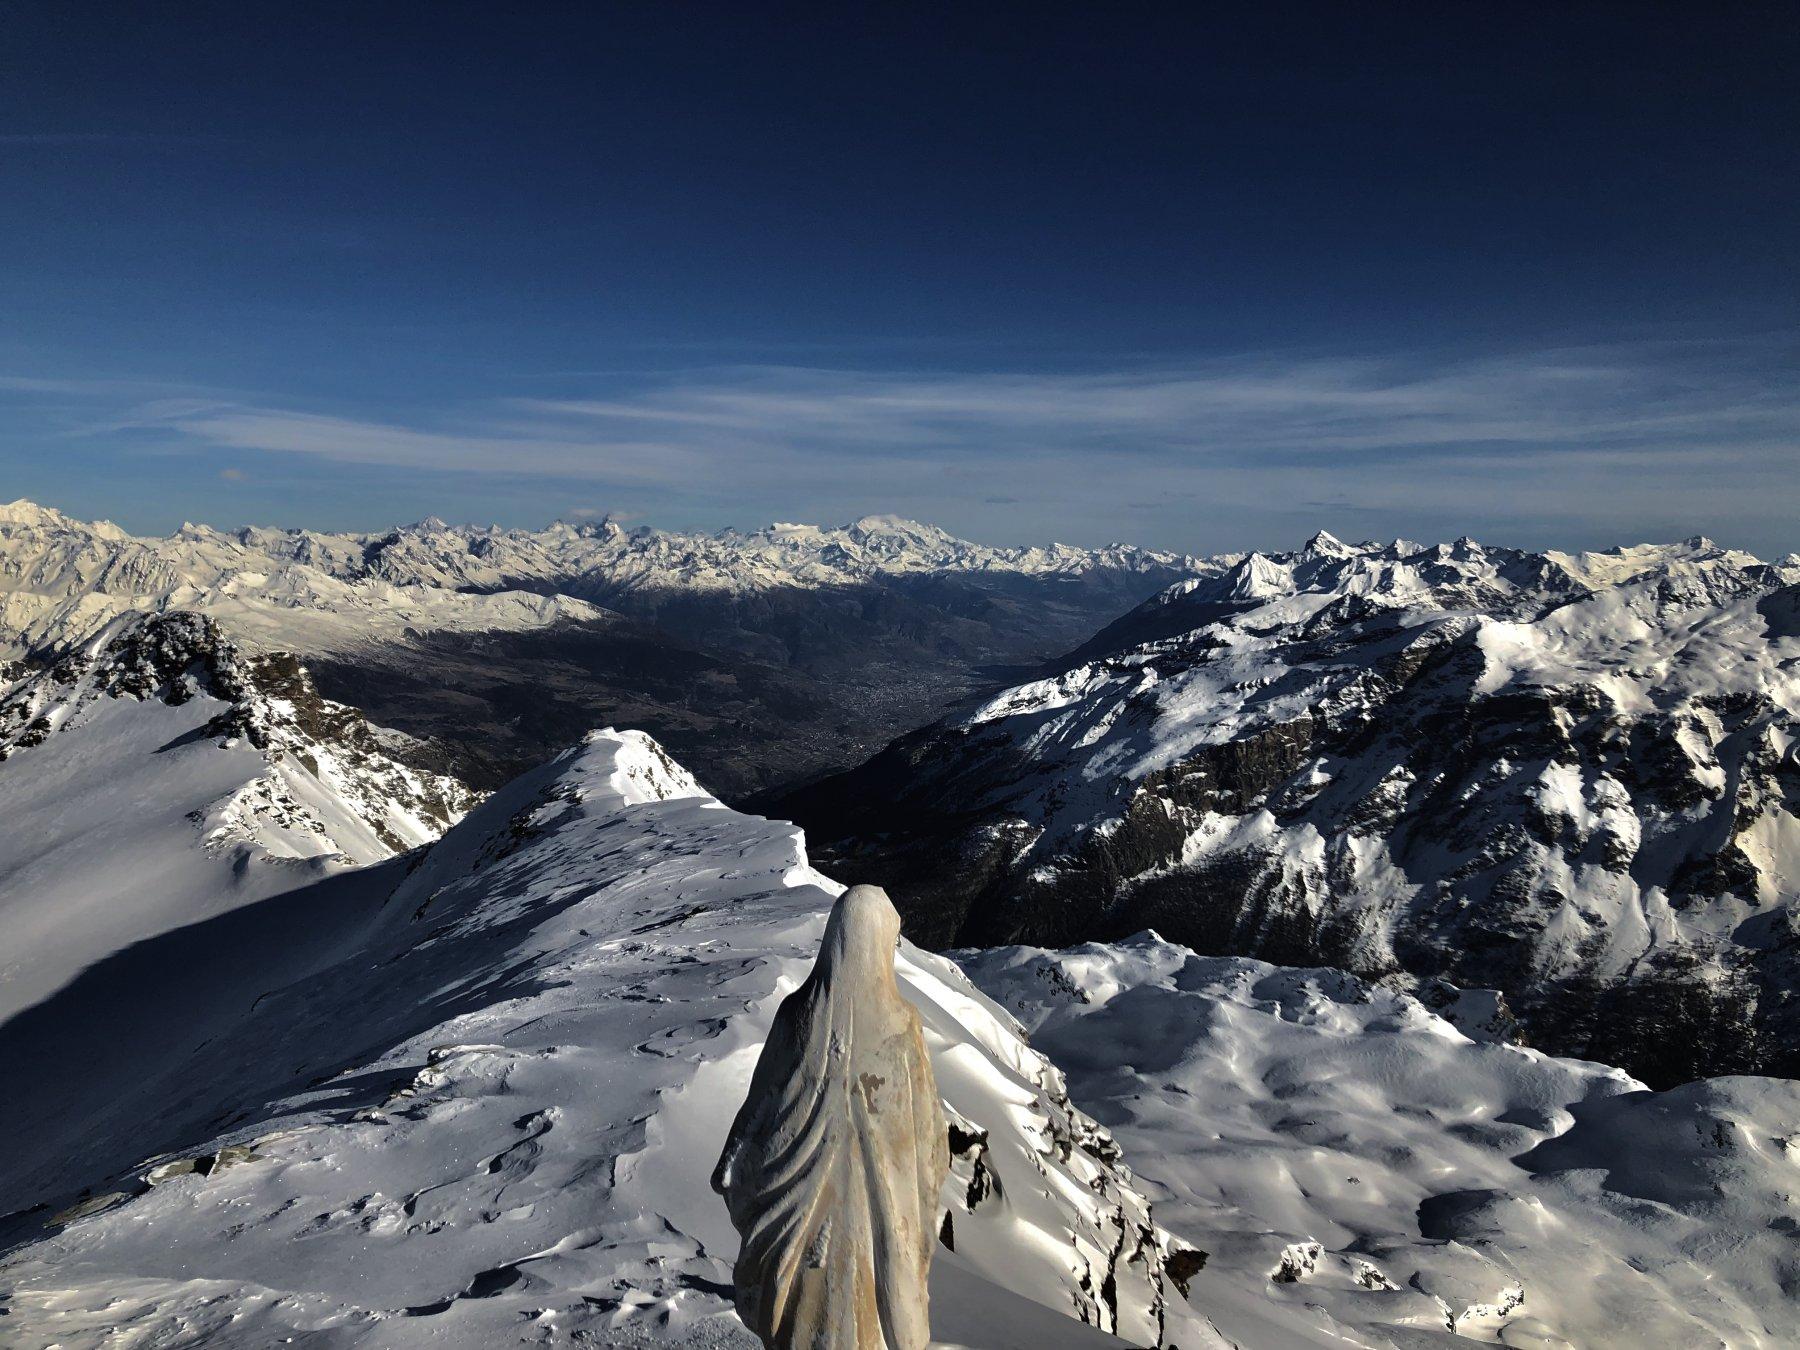 La cima. Ghiacciaio del Rutor sulla sinistra. In fondo: Cervino e massiccio del Monte Rosa